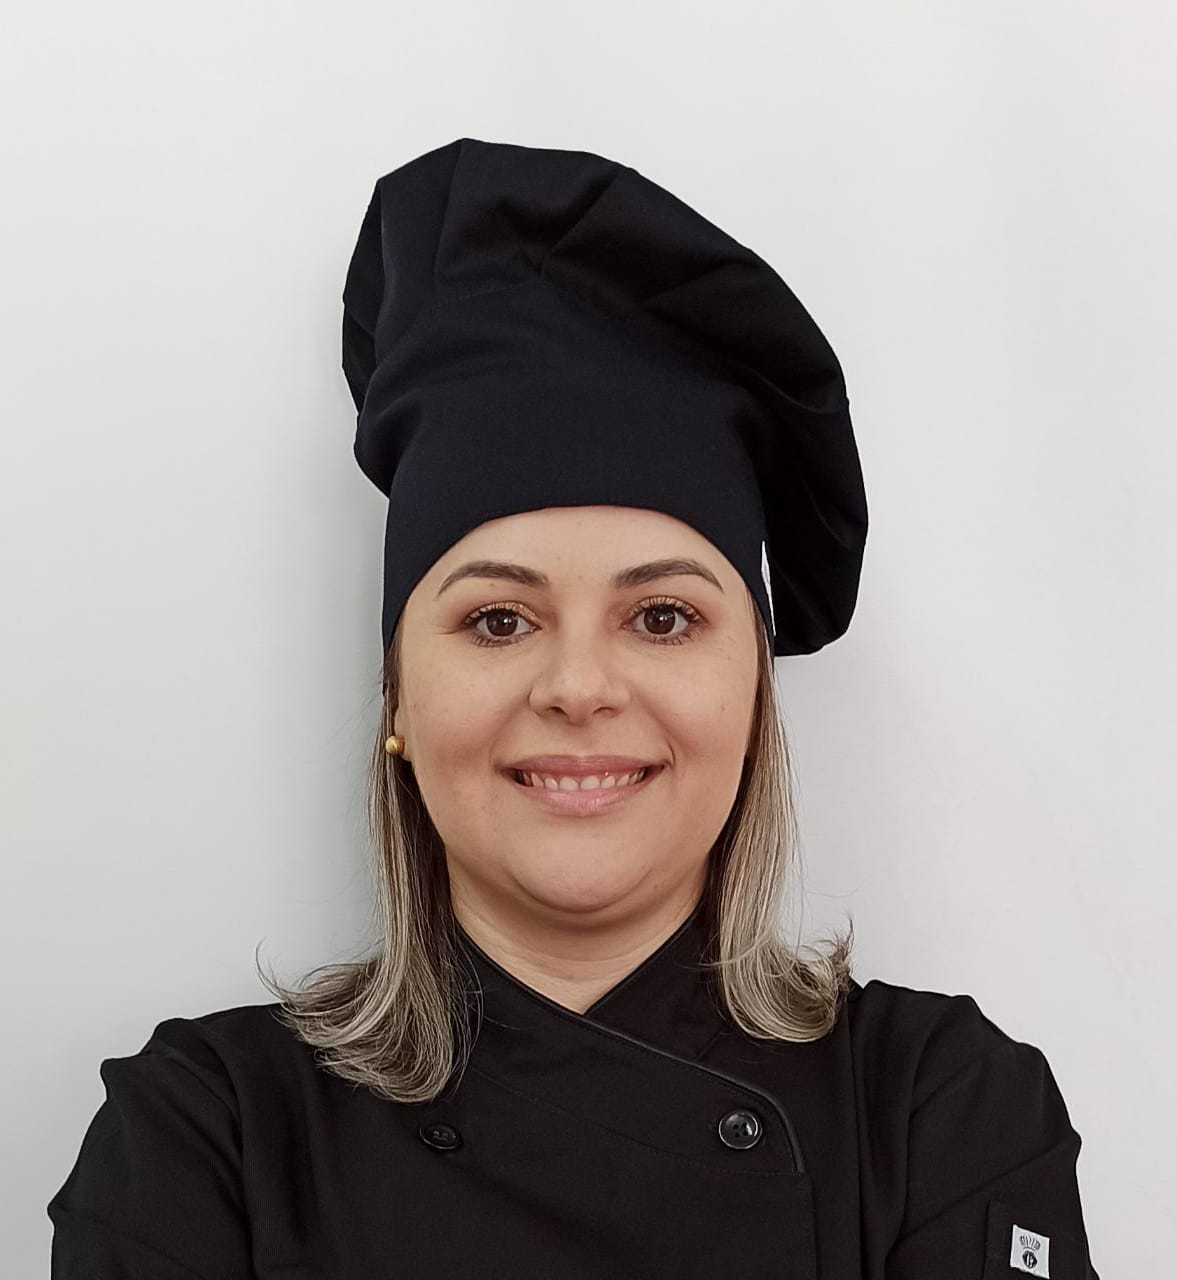 Chapéu Gourmet PRETO com Velcro Regulador de tamanho 100% Algodão